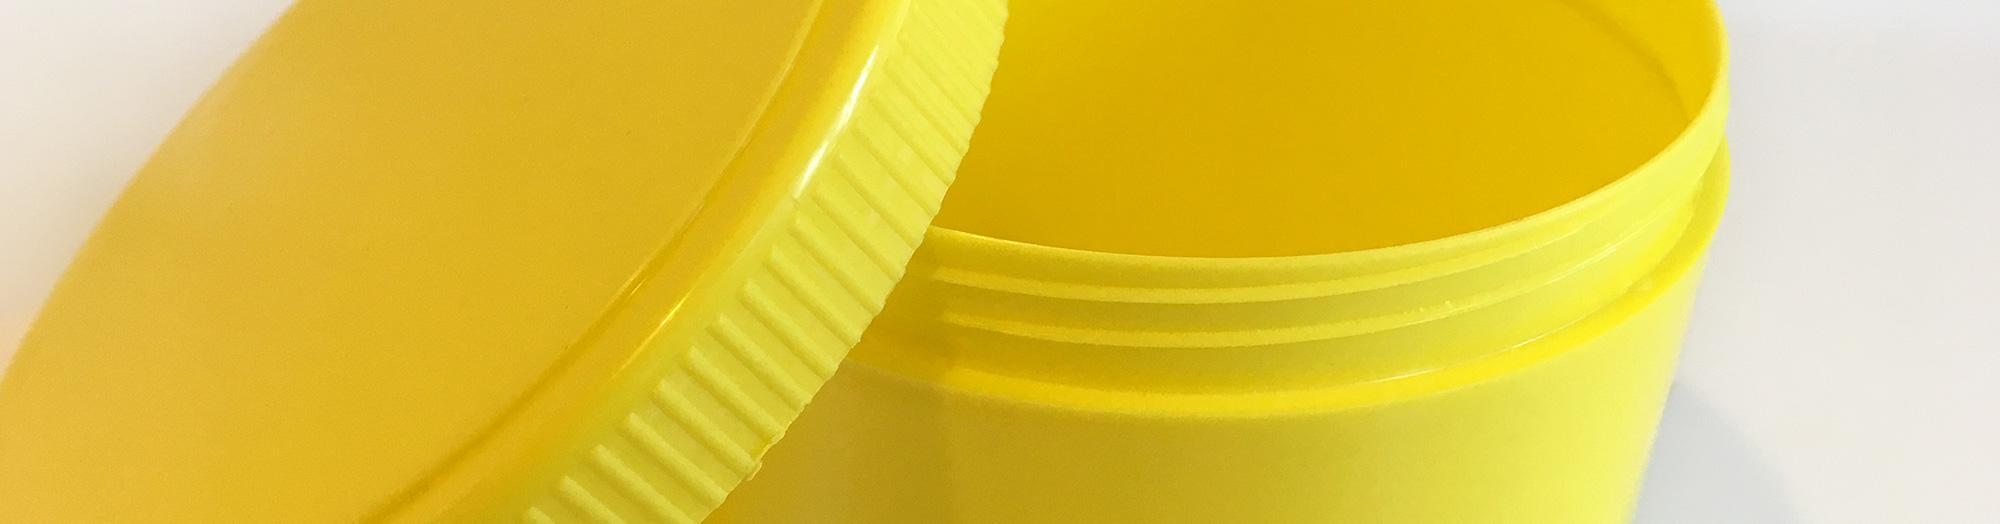 farbige Kunststoffdosen mit Deckel Sonderlösungen